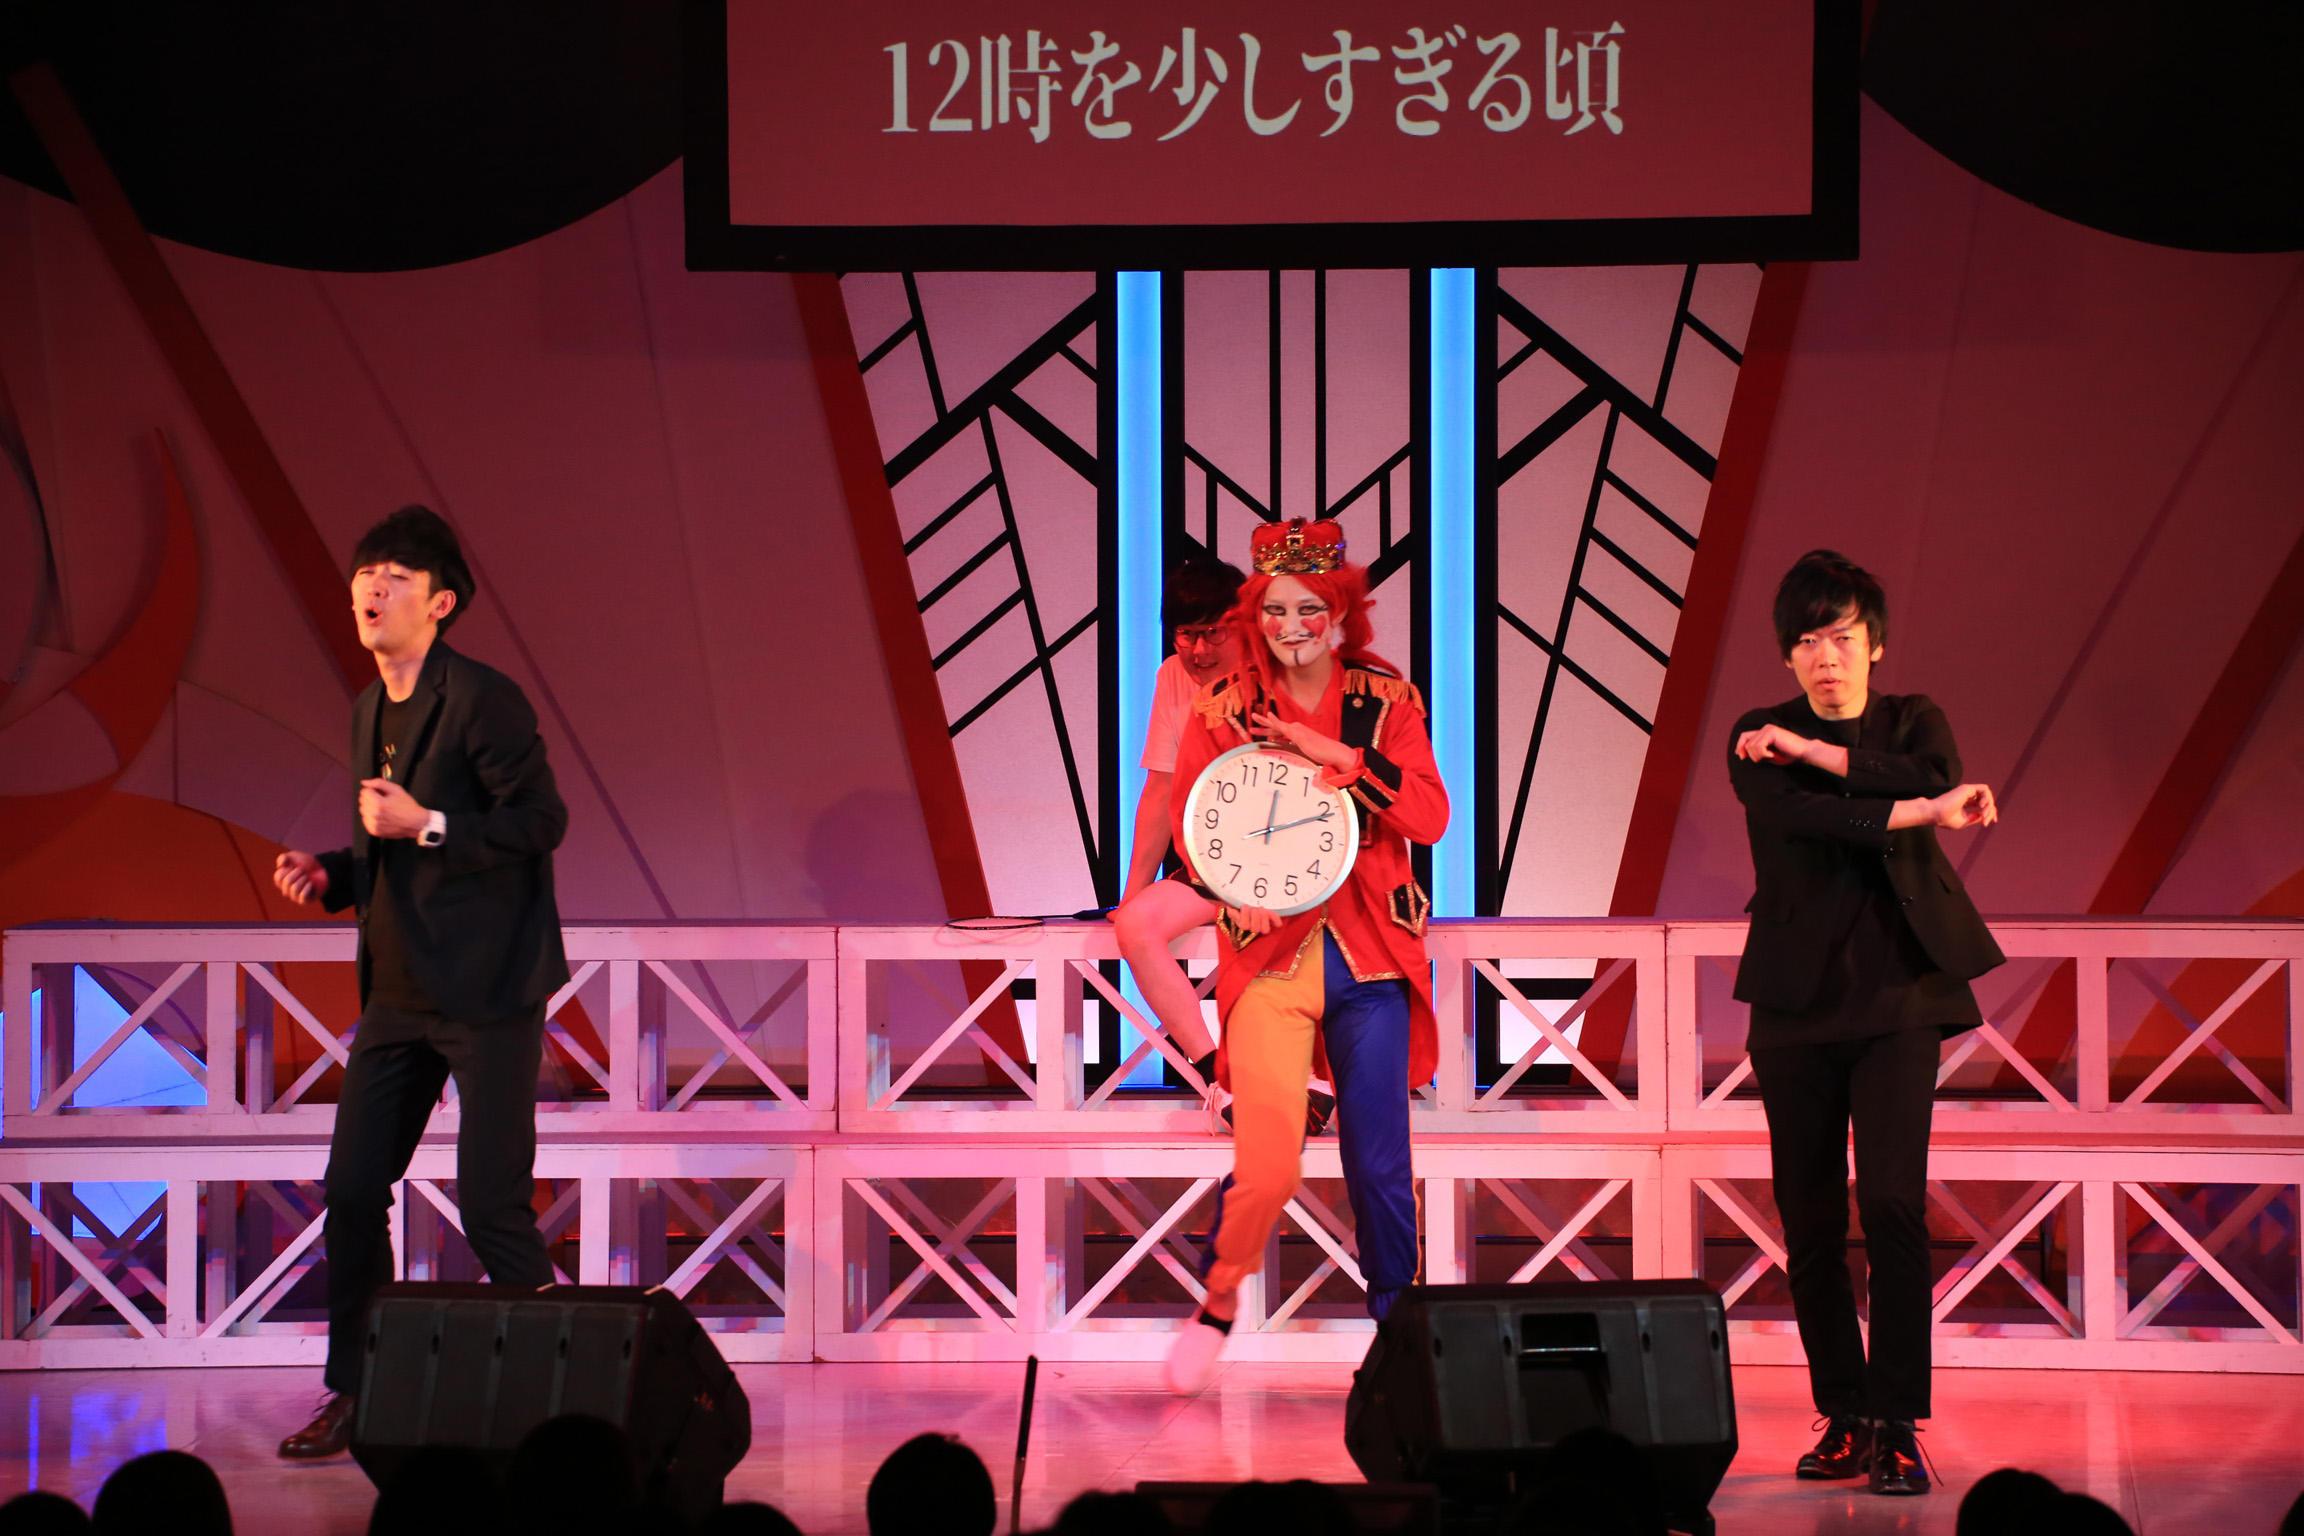 http://news.yoshimoto.co.jp/20190101110719-c3e06b57d5af1f97f0046caf13fb211fb778d419.jpg